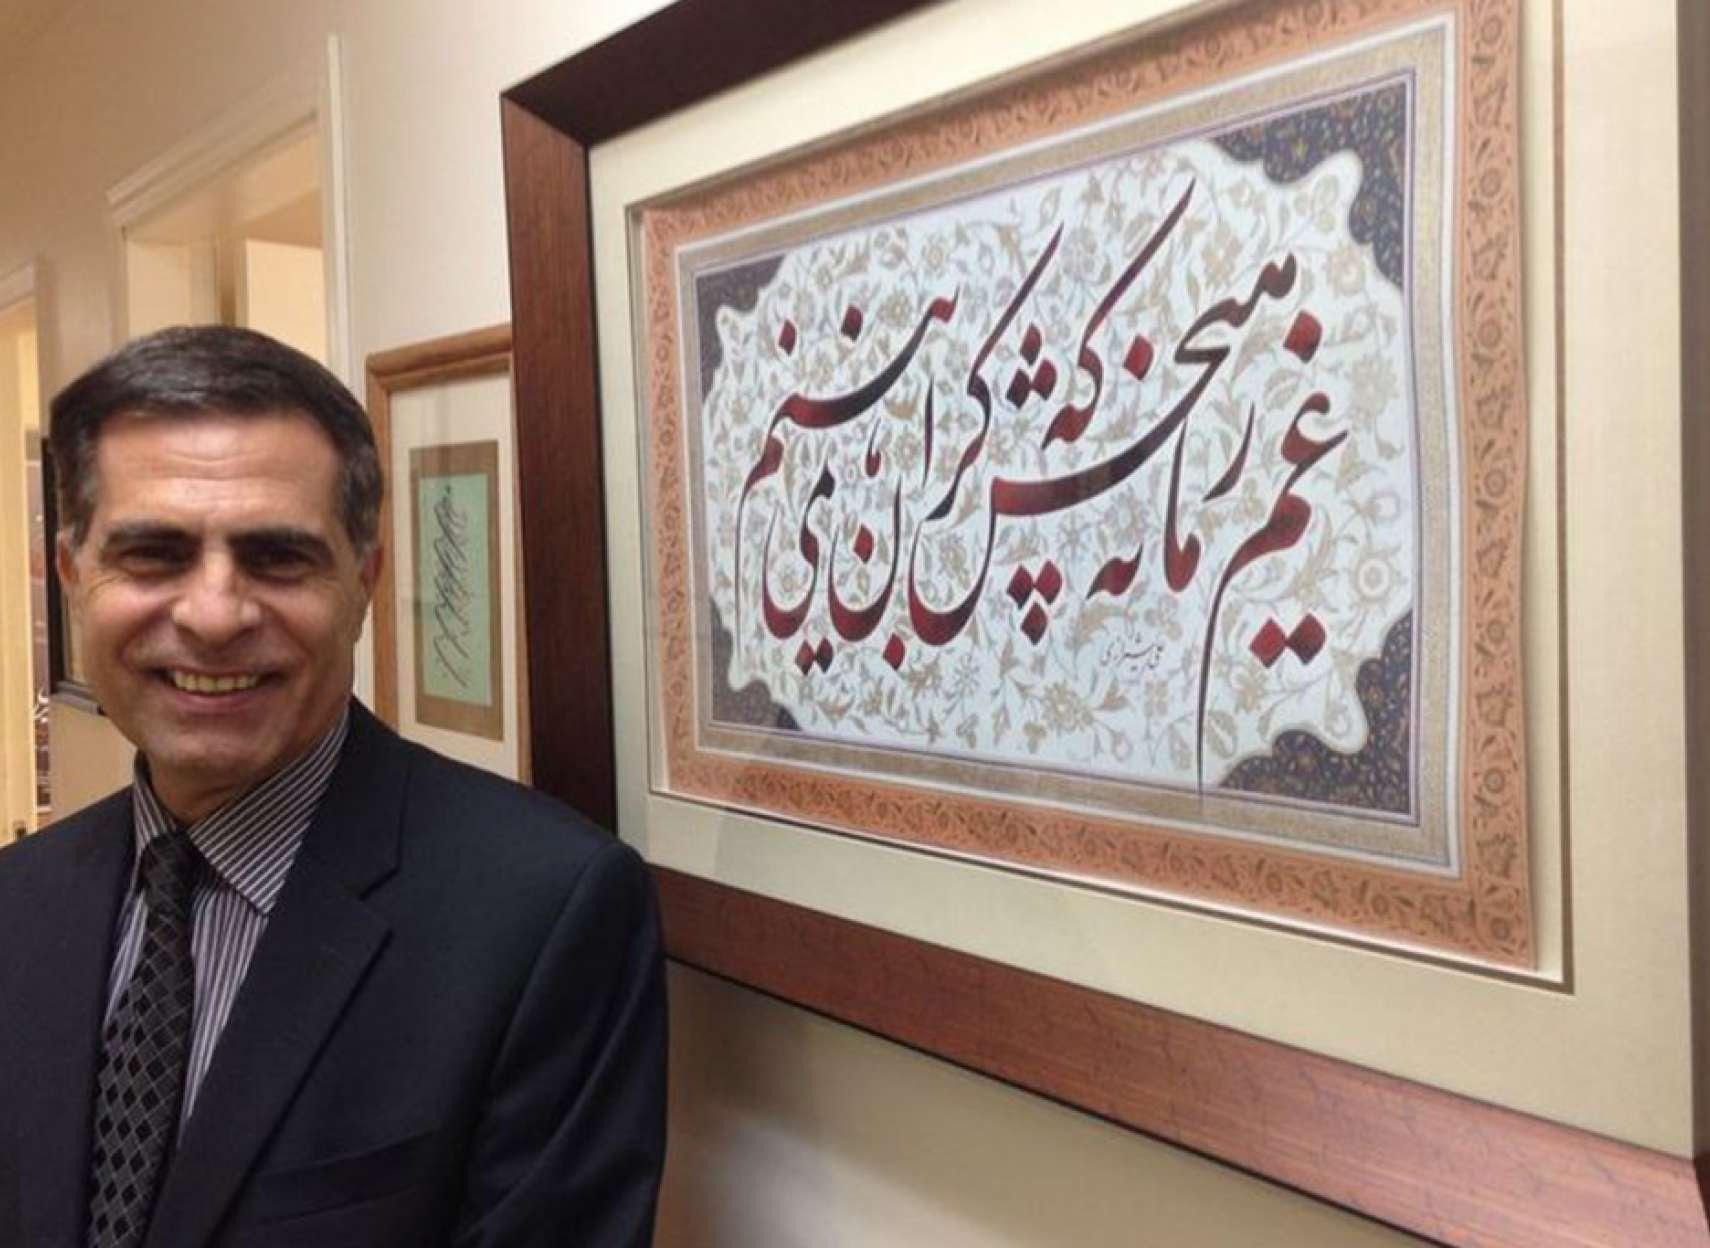 اخبار-کانادا-هجوم-ایرانیان-برای-پناهندگی-به-کانادا